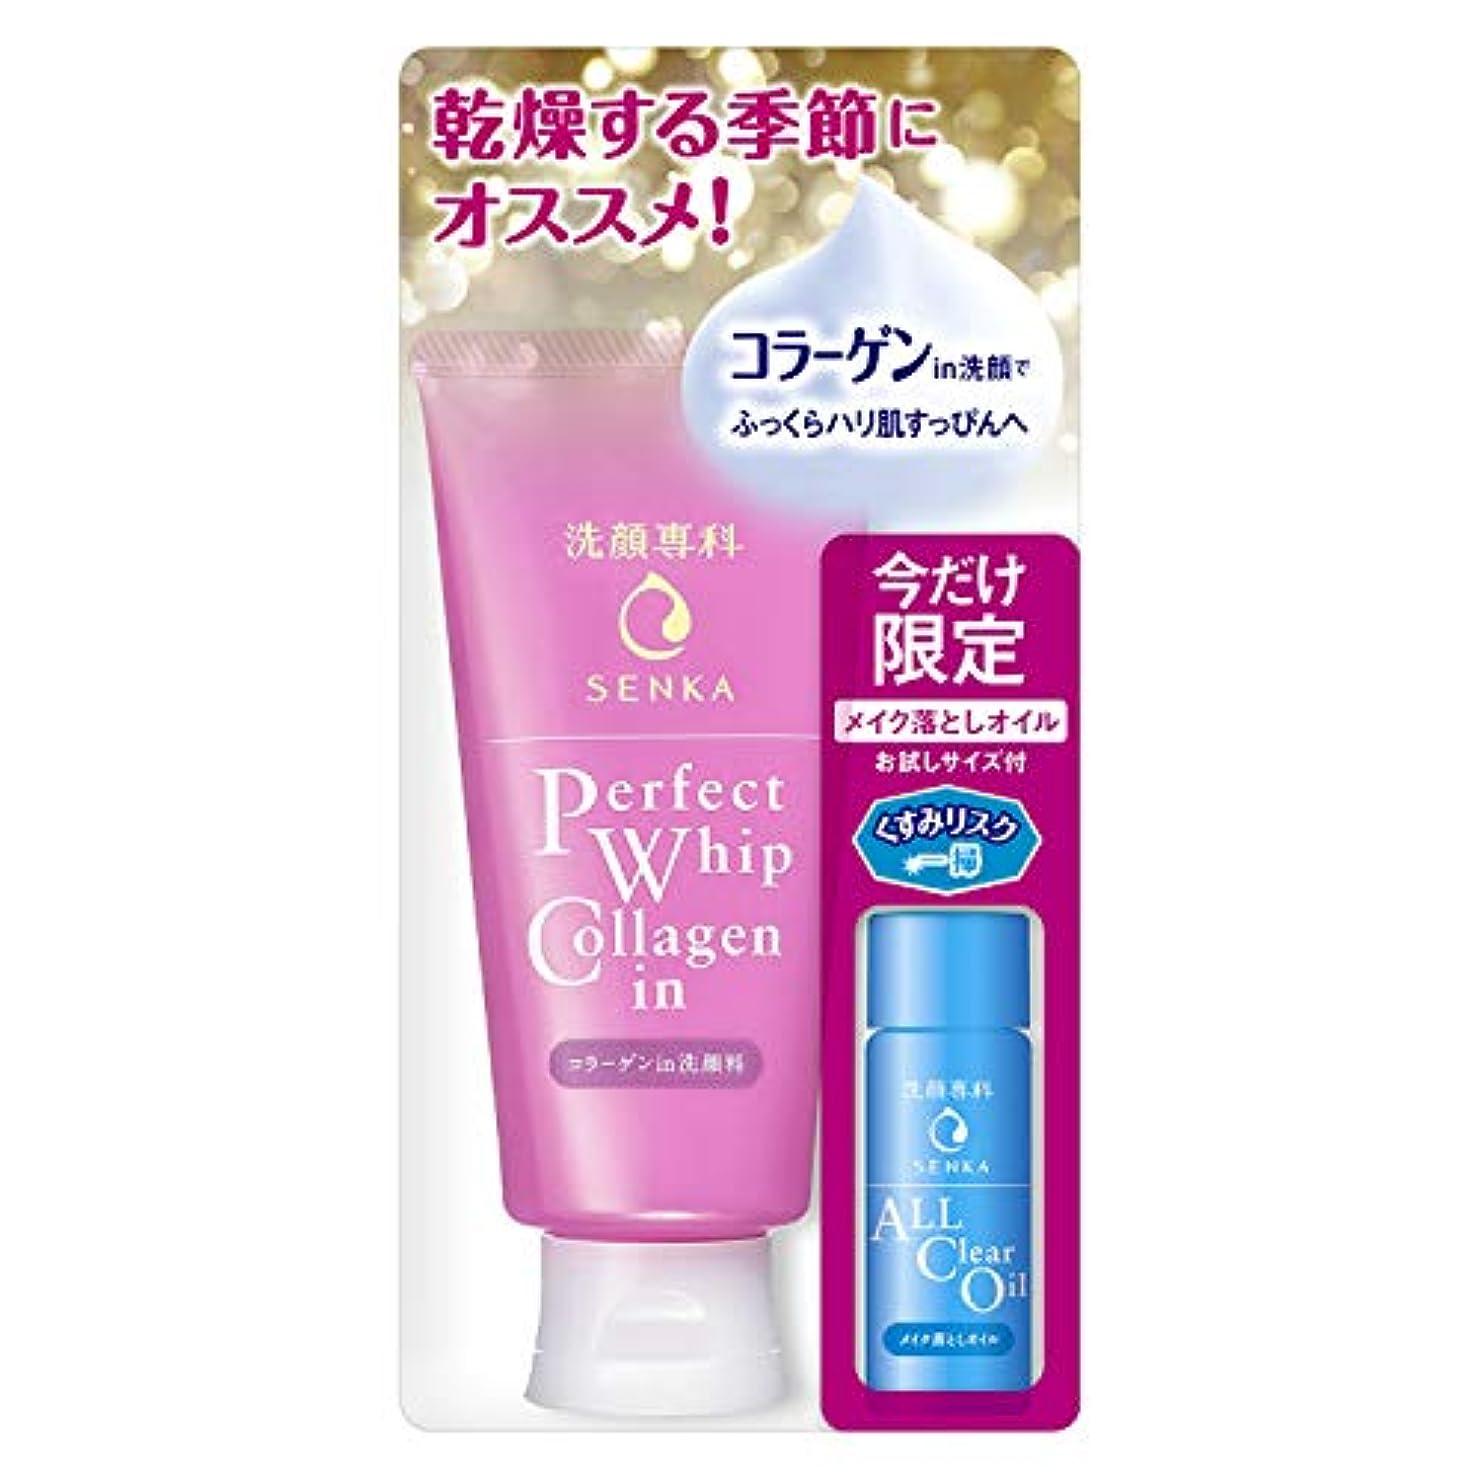 ウェイド甘美な誰か洗顔専科 パーフェクトホイップ コラーゲンin オールクリアオイル特製サイズ付き